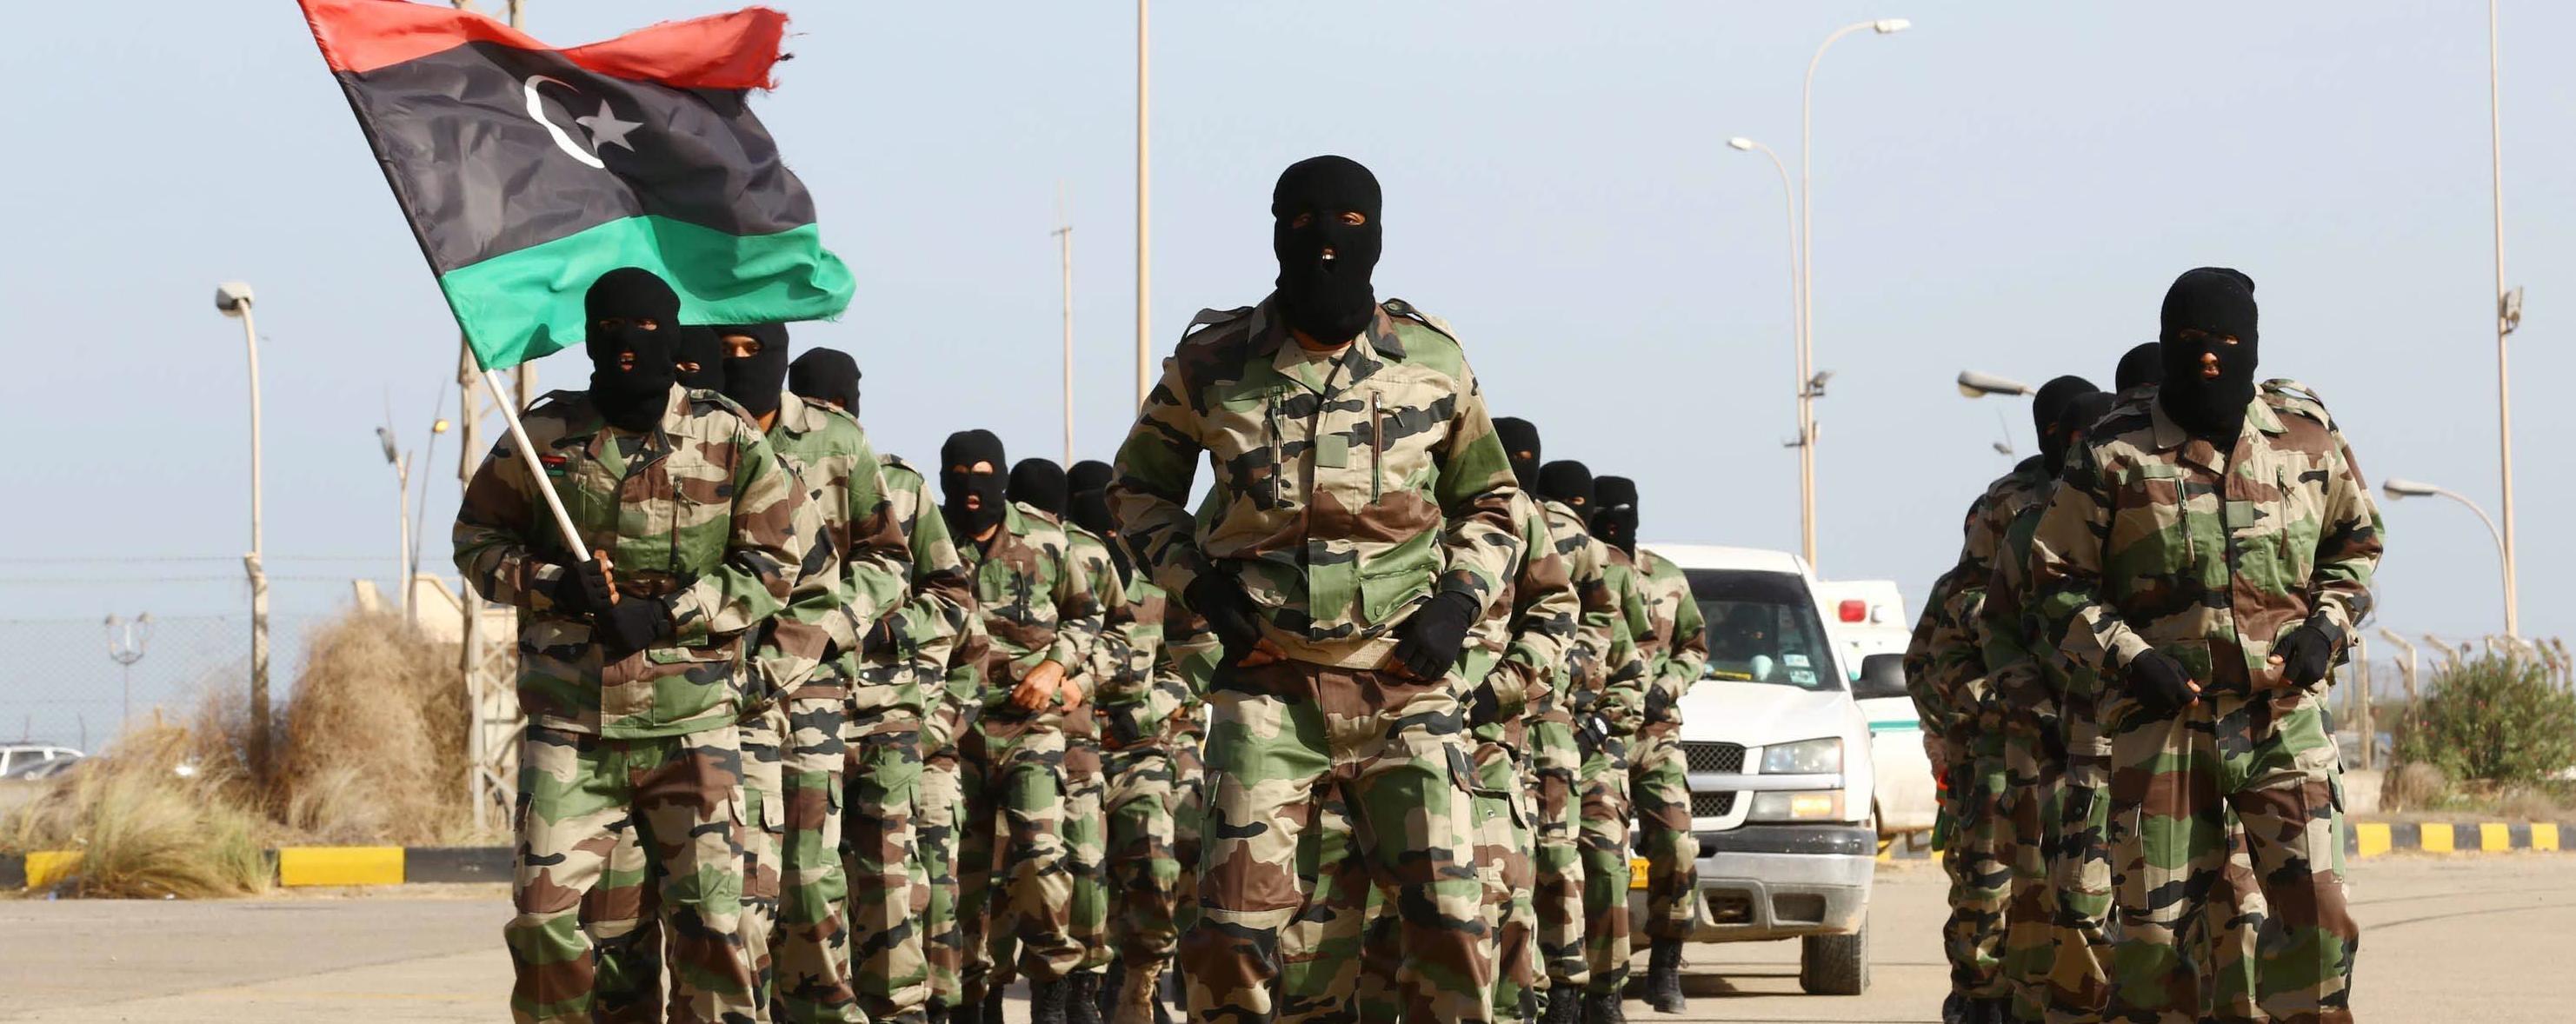 Sfilata dell'esercito libico